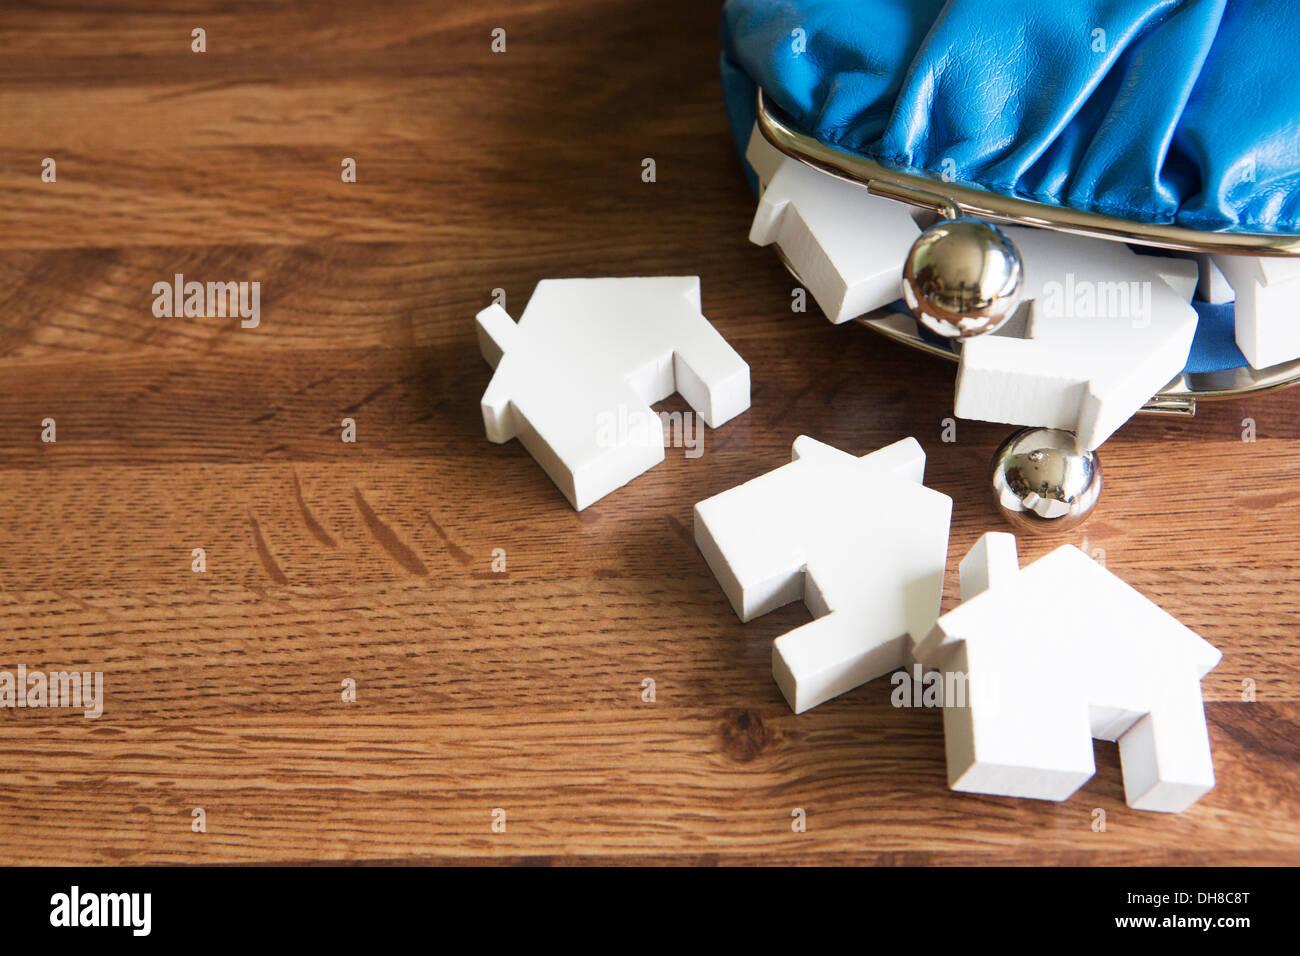 Borsa con il modello di case sulla superficie di legno Immagini Stock